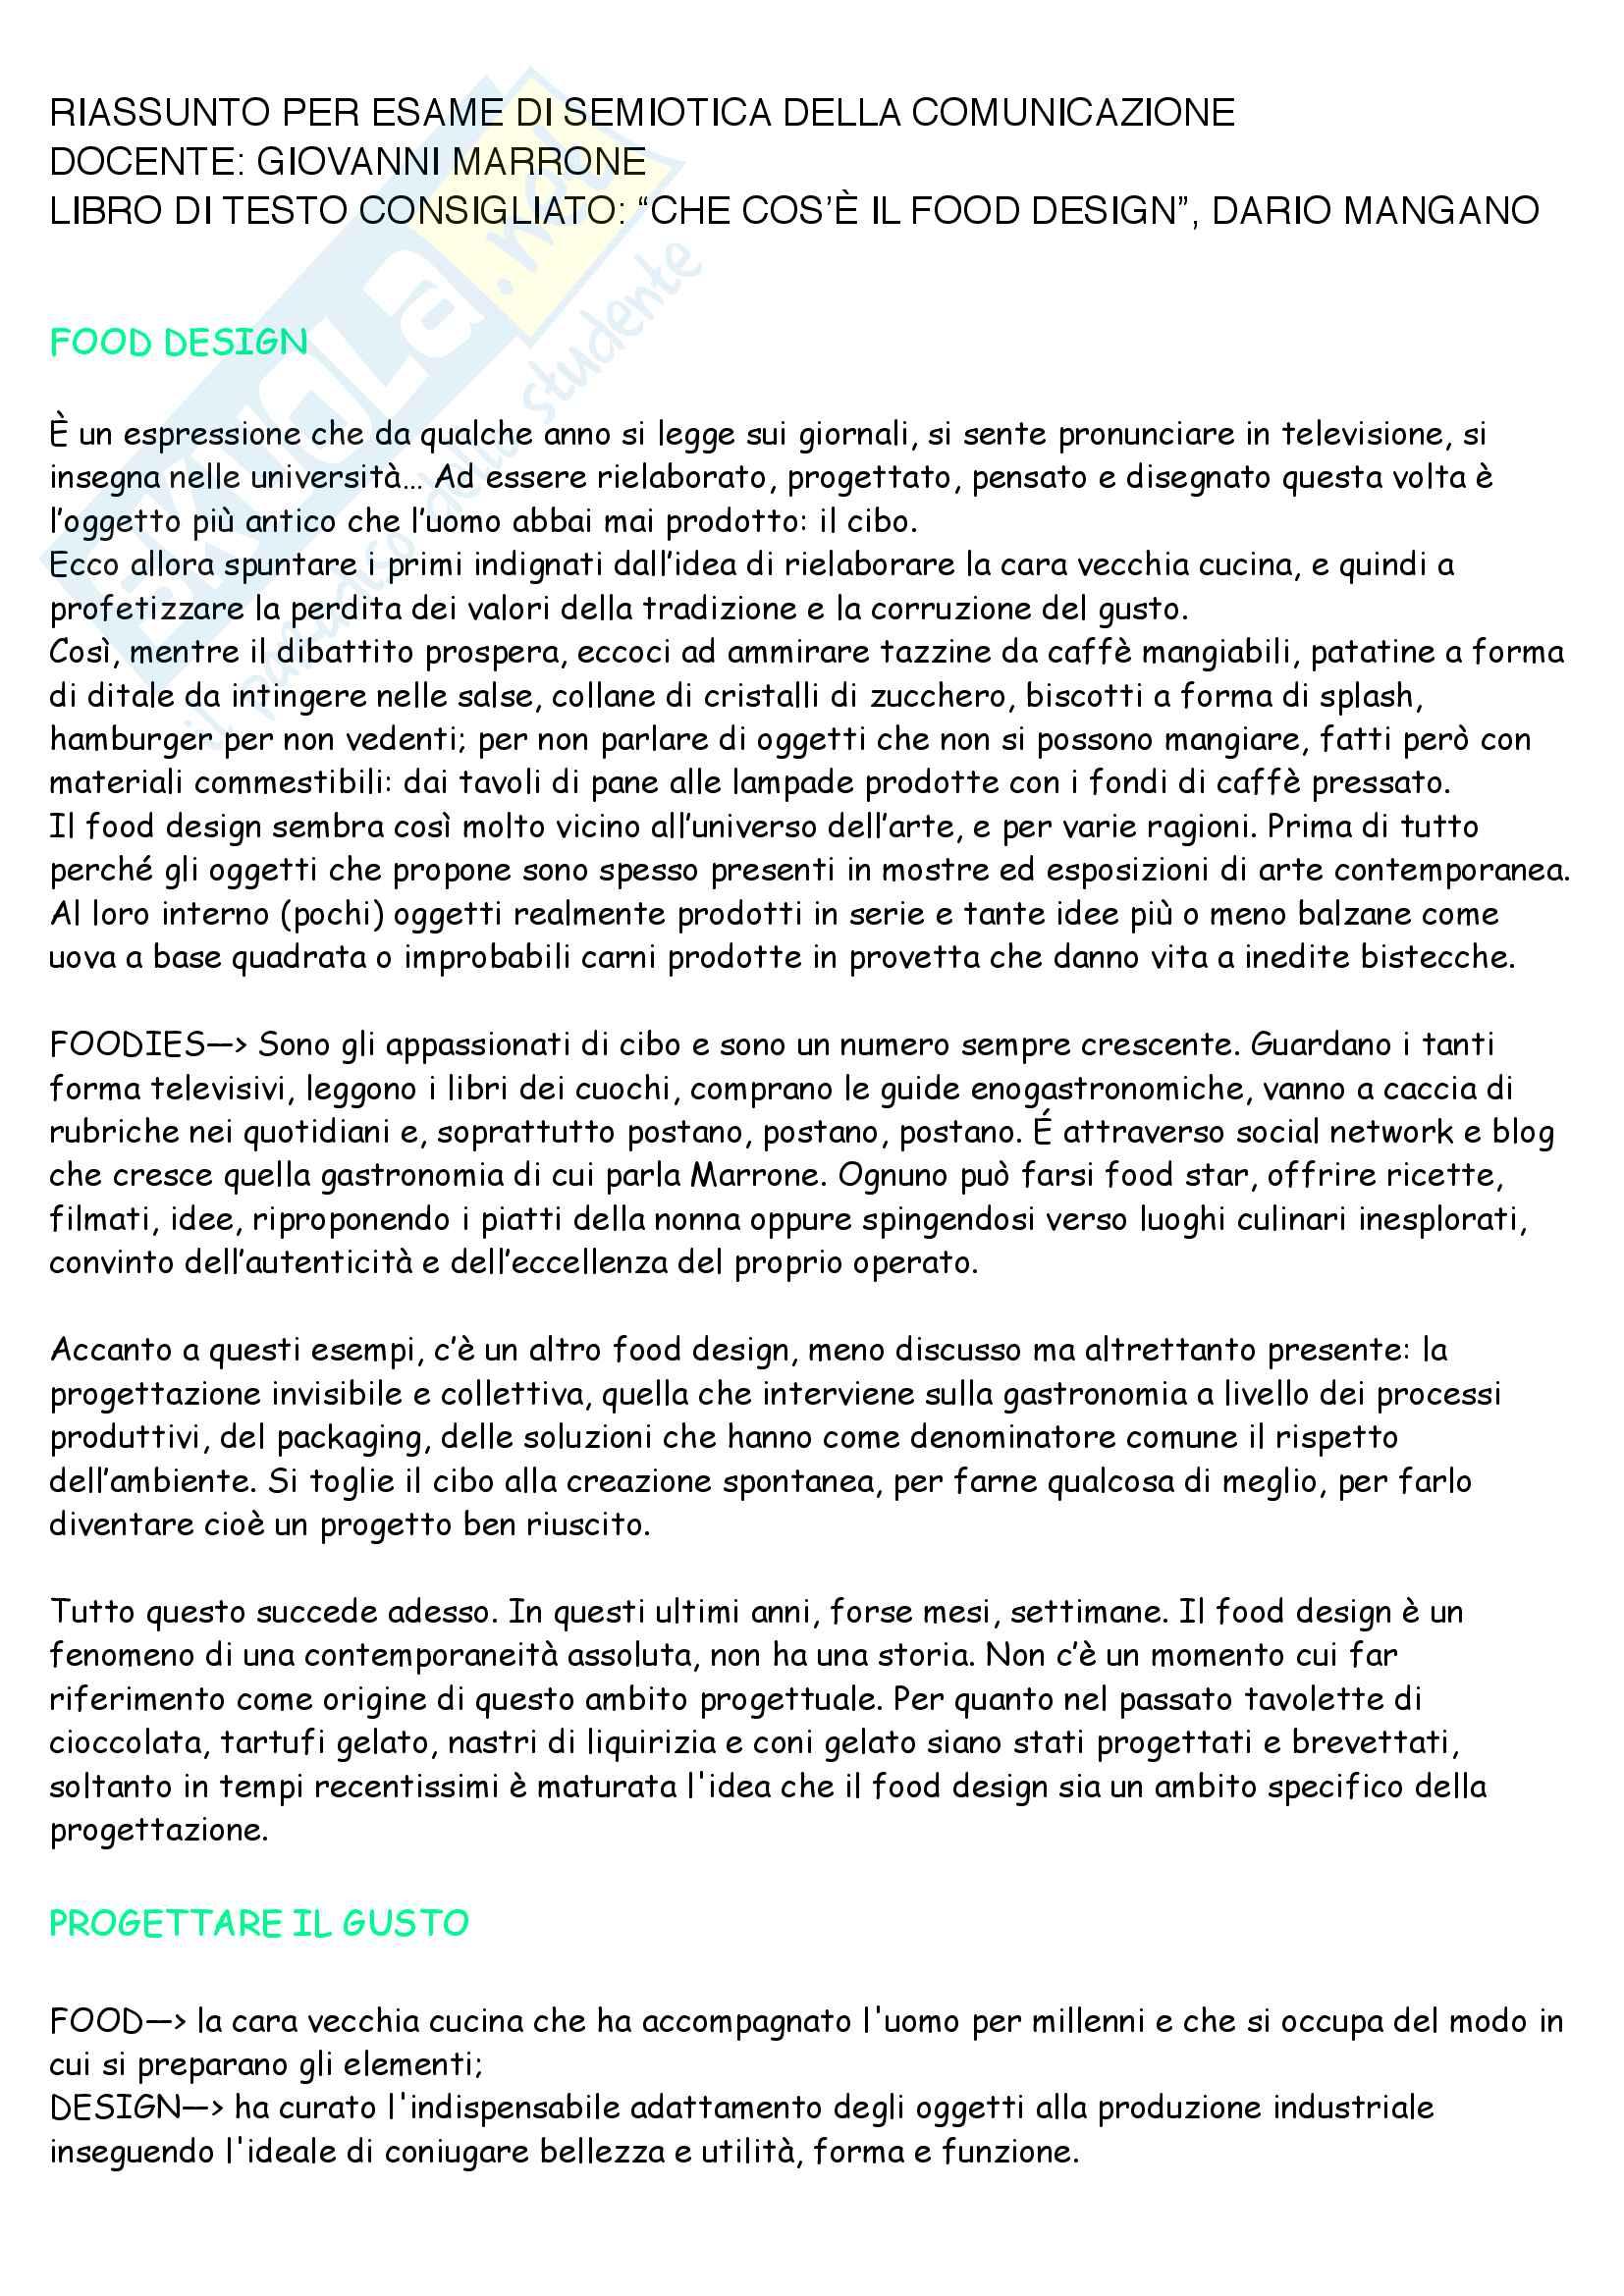 Riassunto per esame di semiotica della comunicazione, docente Giovanni Marrone, libro di testo consigliato Che cos è il food design, Dario Mangano